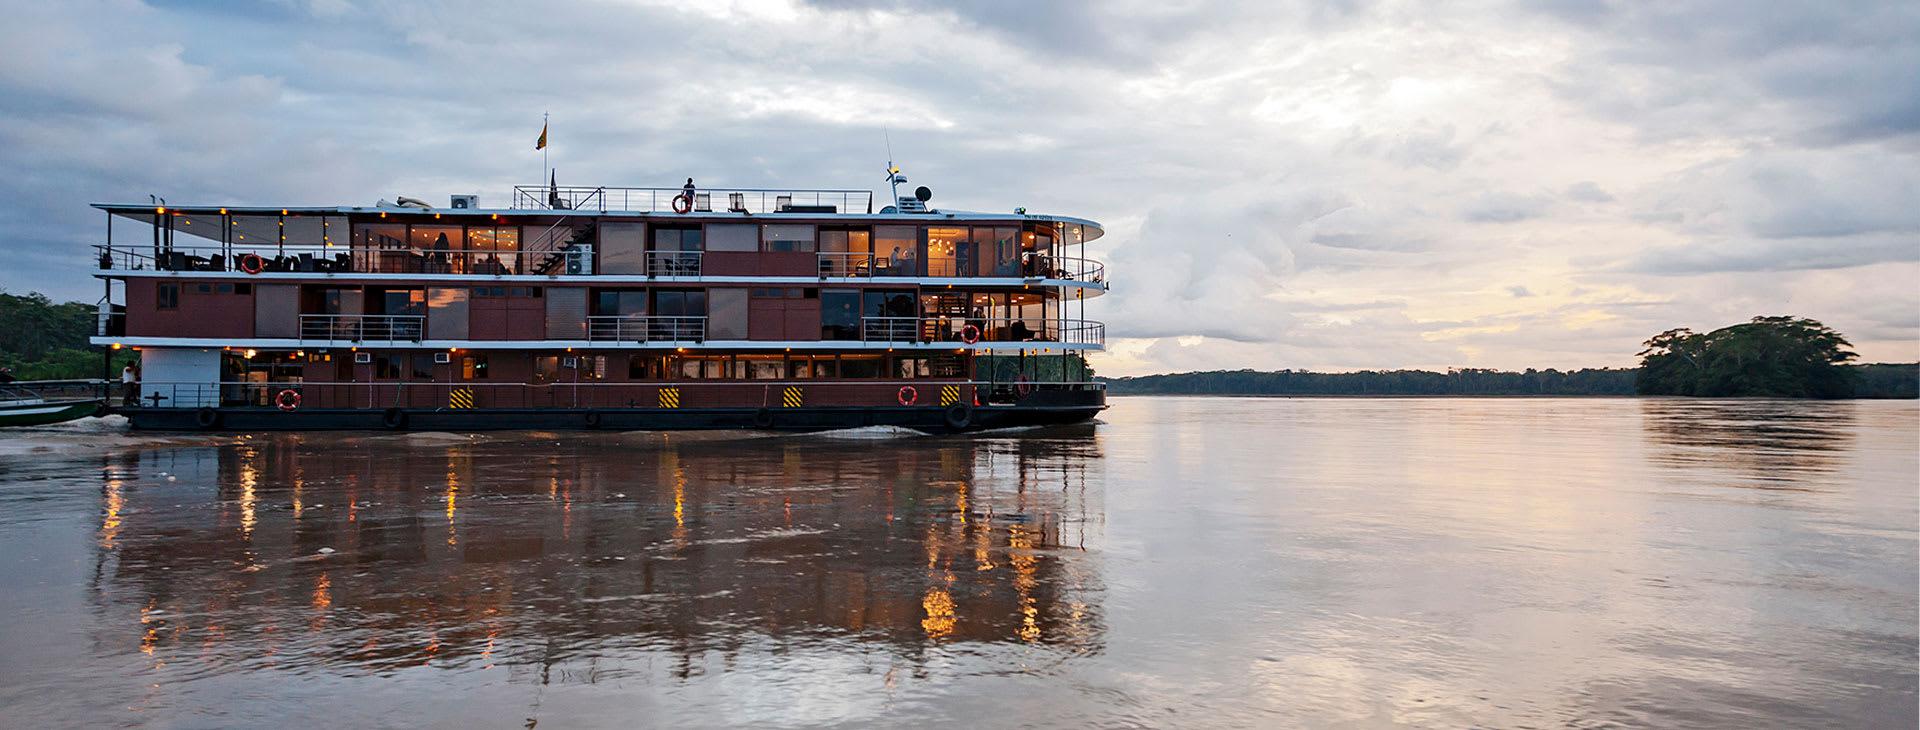 Manatee cruise ship in the Ecuadorean Amazon